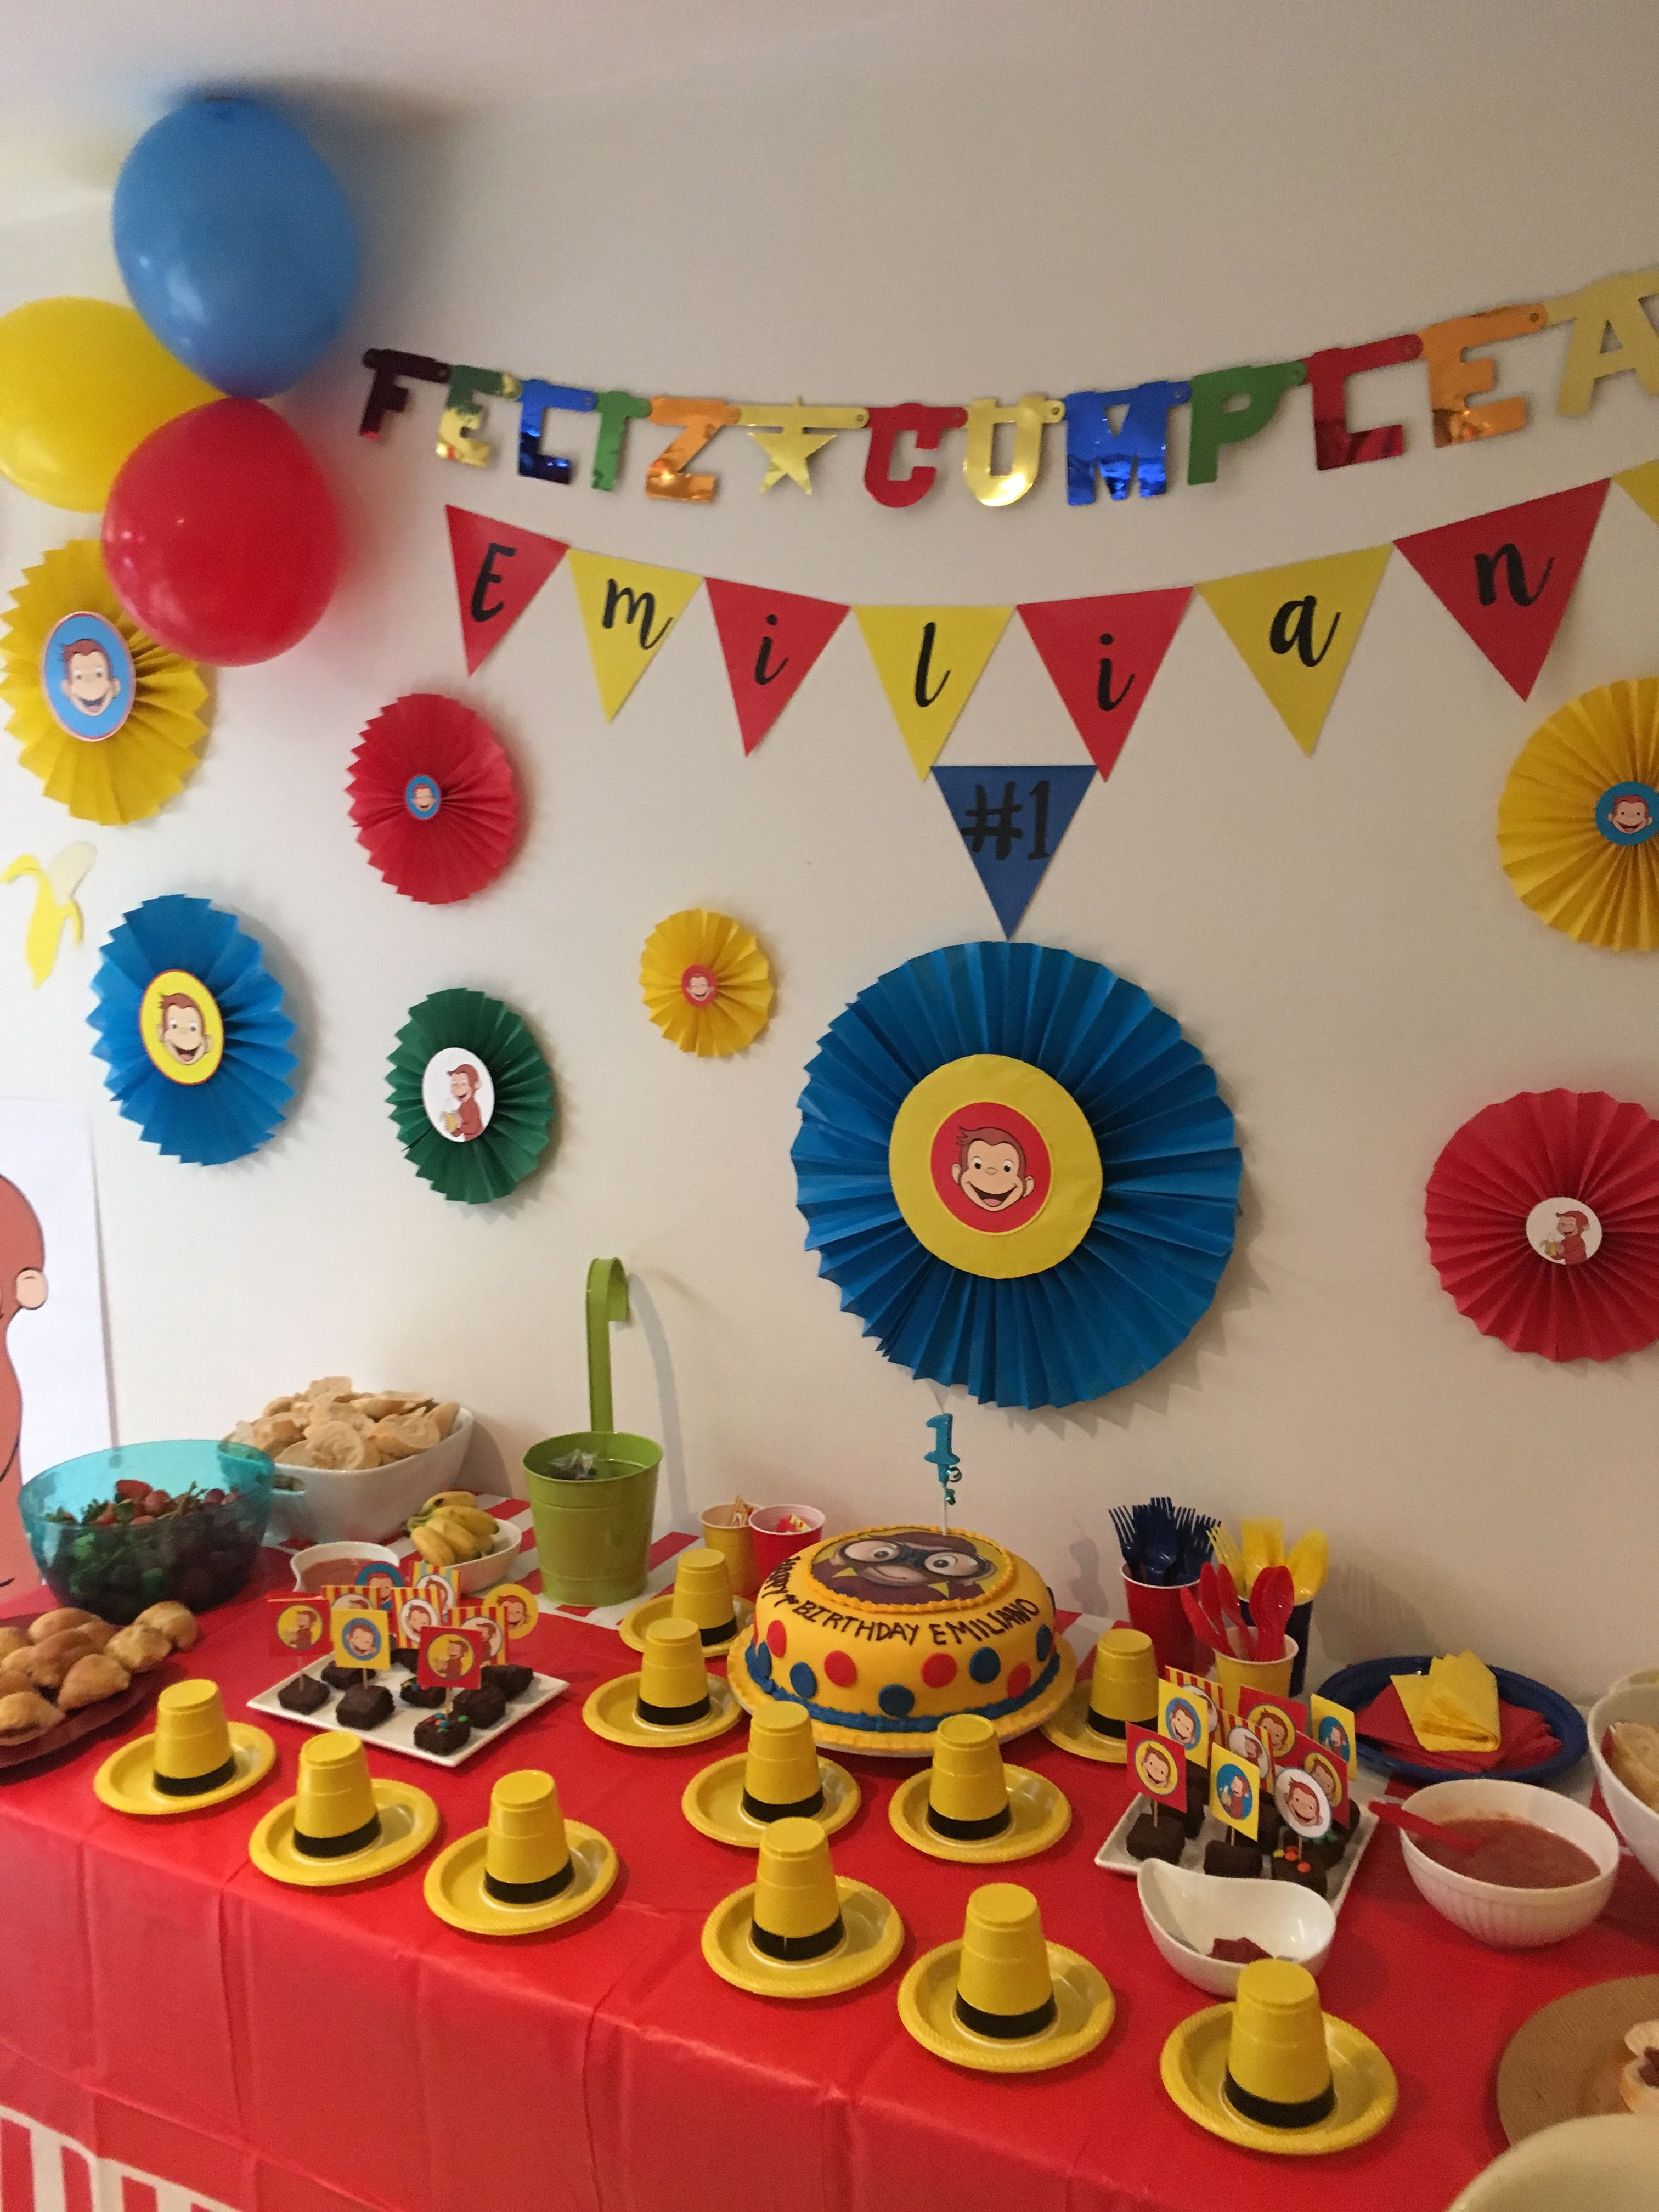 Fiesta cumplea os jorge el curioso cumple mateo 3 en - Decoracion de fiestas de cumpleanos infantiles ...